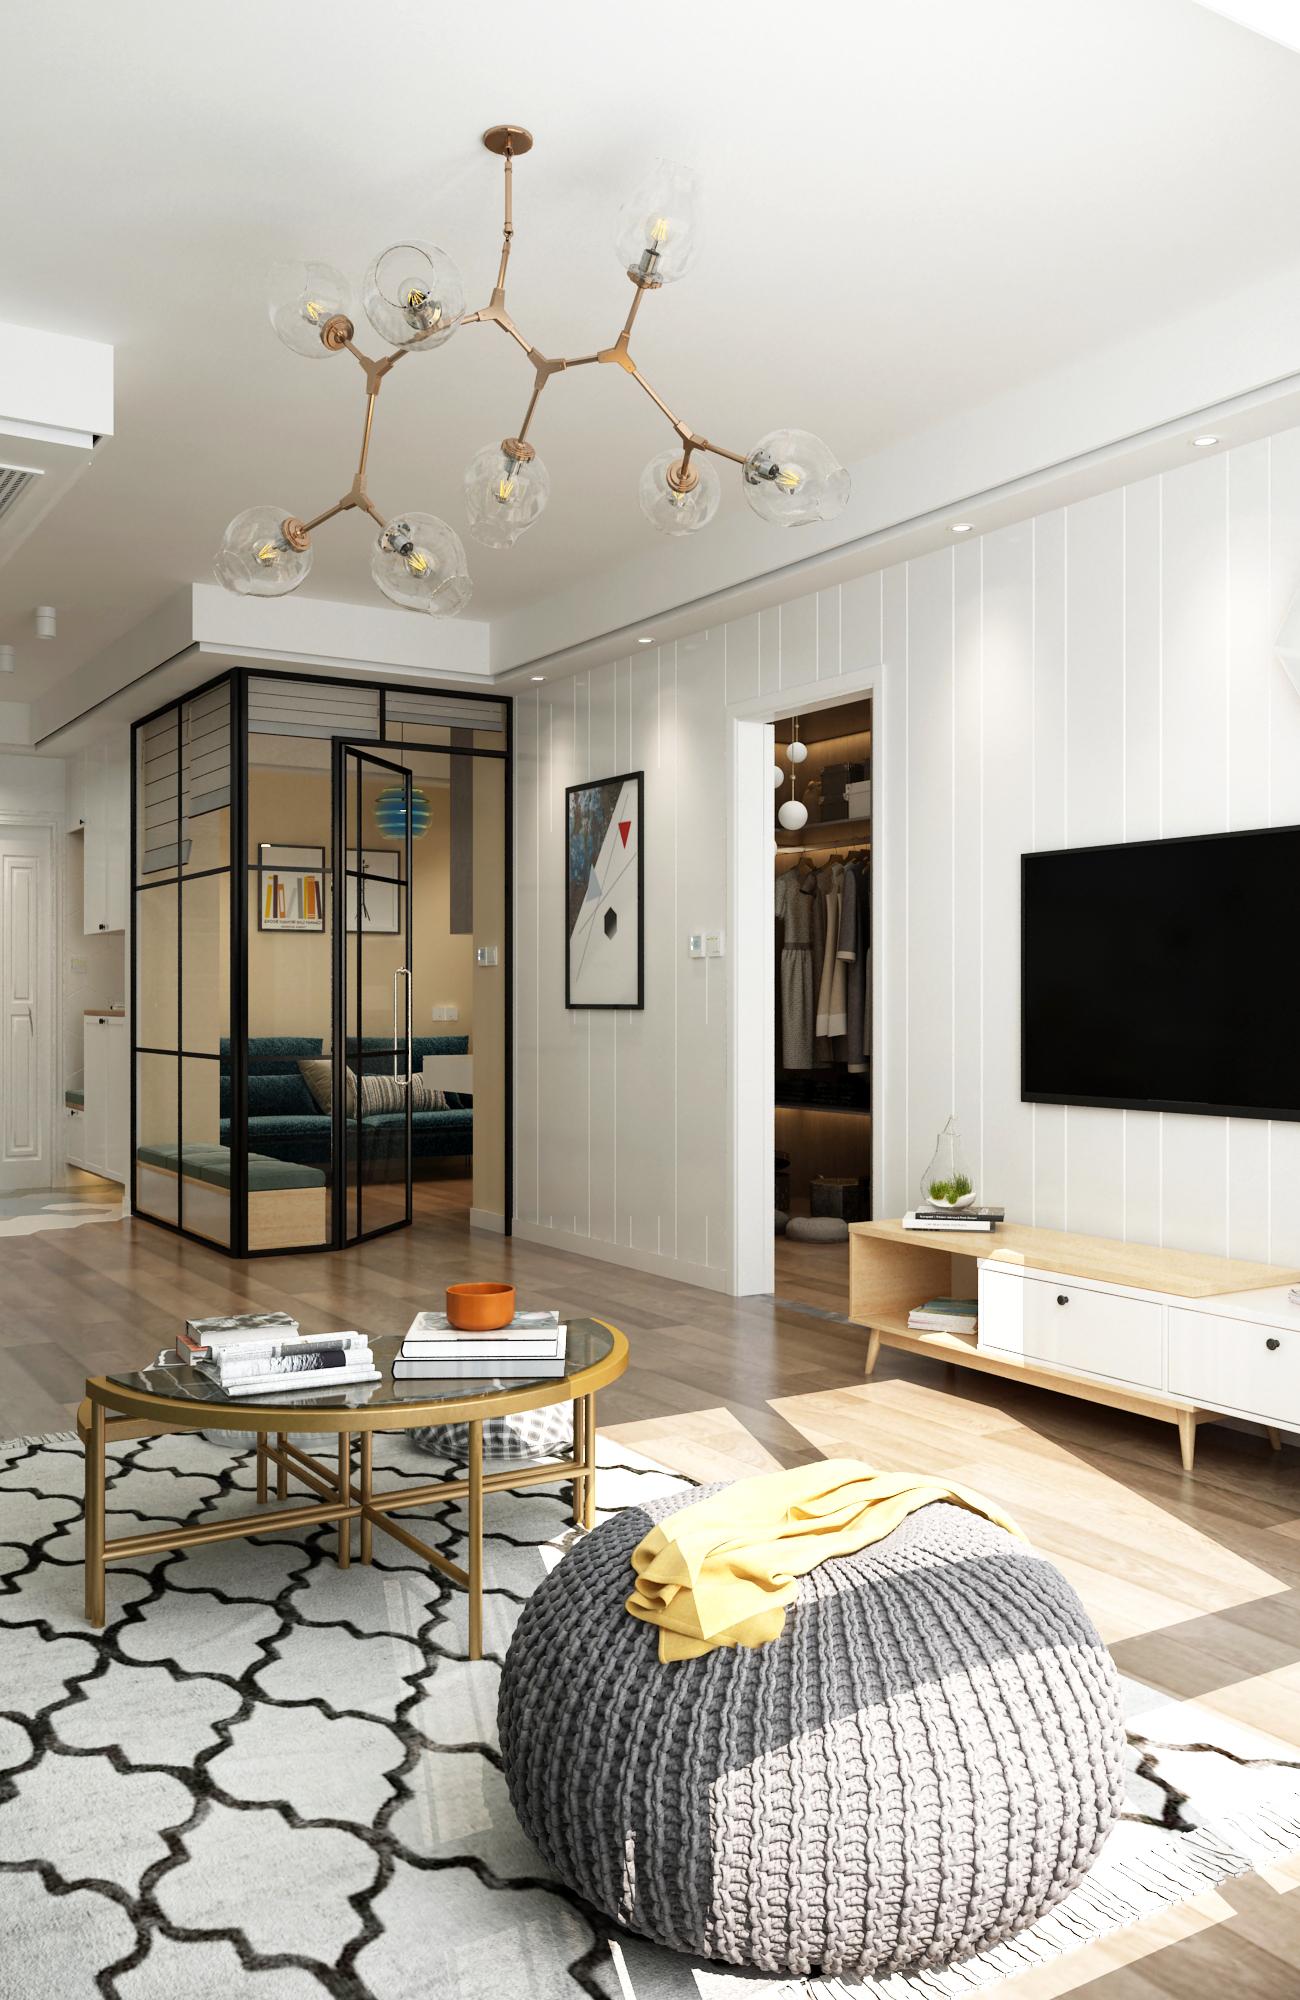 简约北欧两居装修客厅吊灯设计